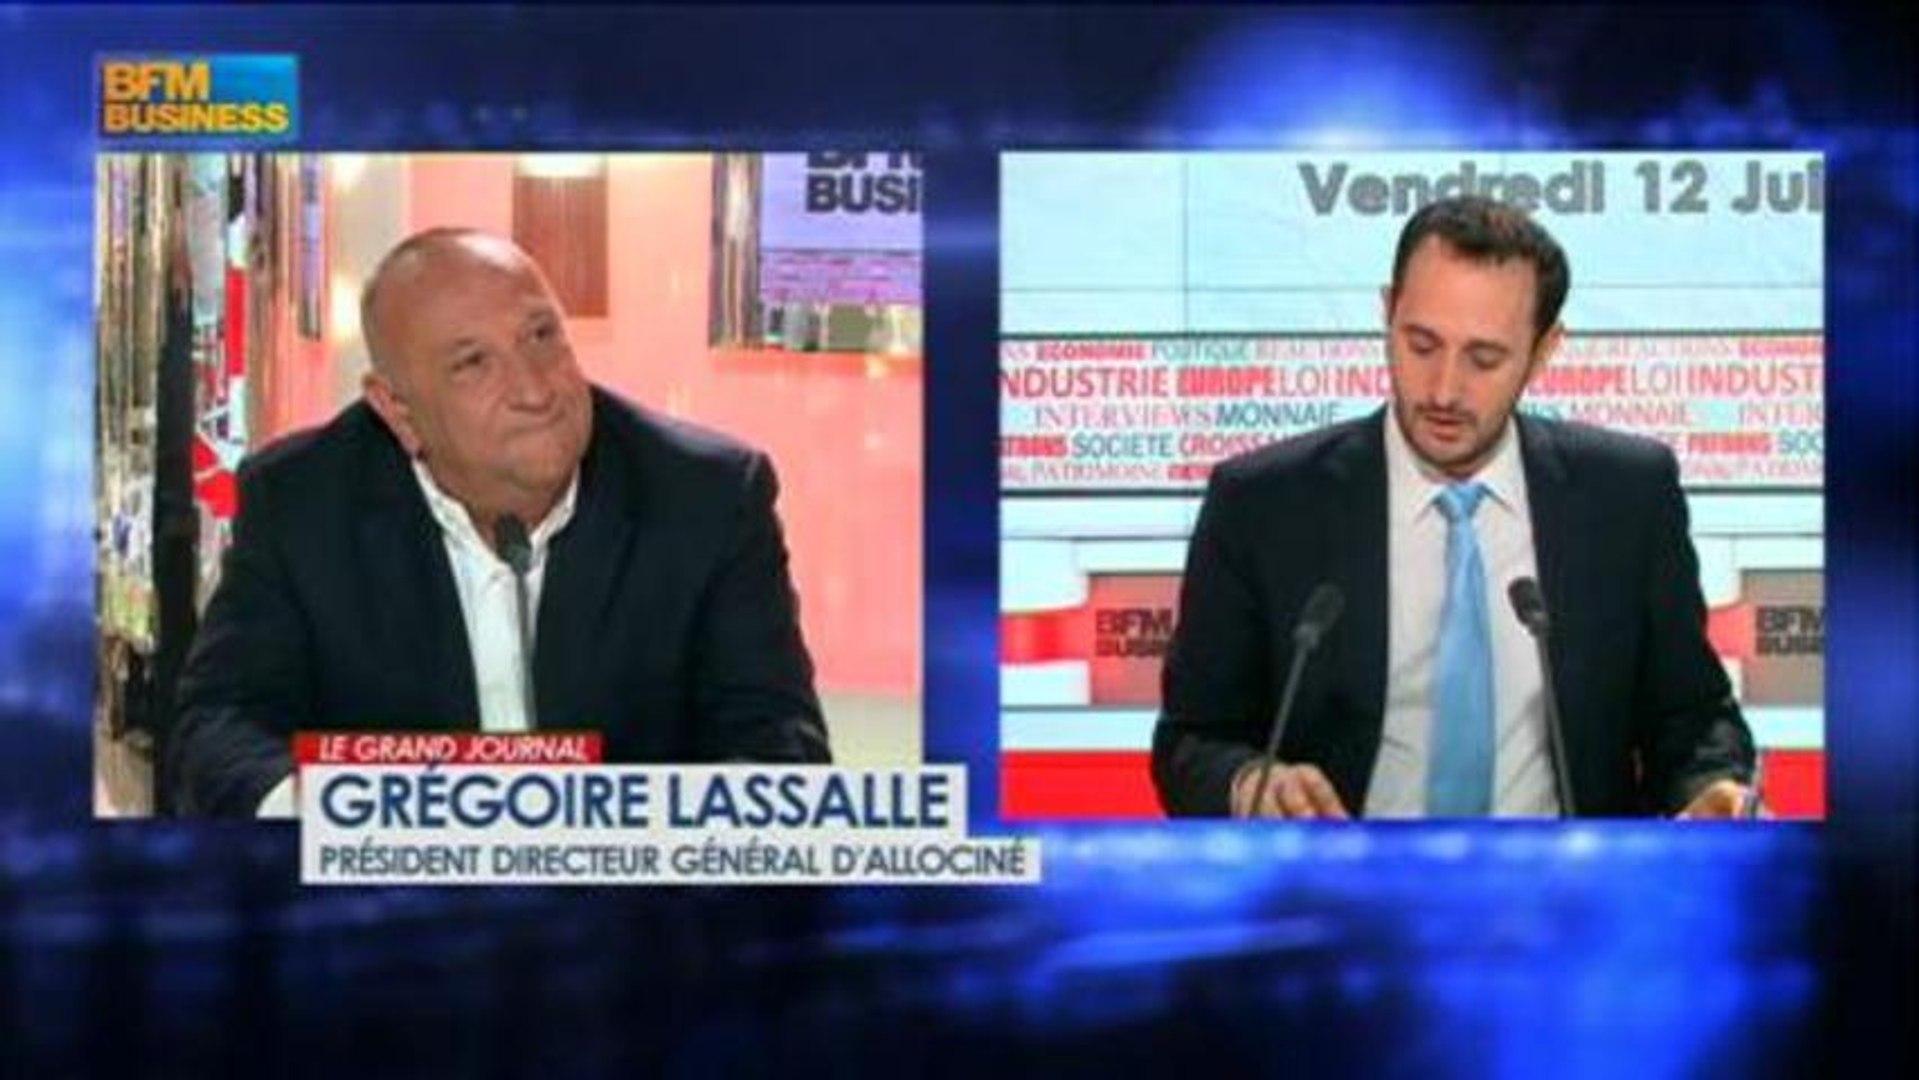 Grégoire Lassalle, président directeur général d'AlloCiné dans Le Grand Journal - 12 juillet 3/4